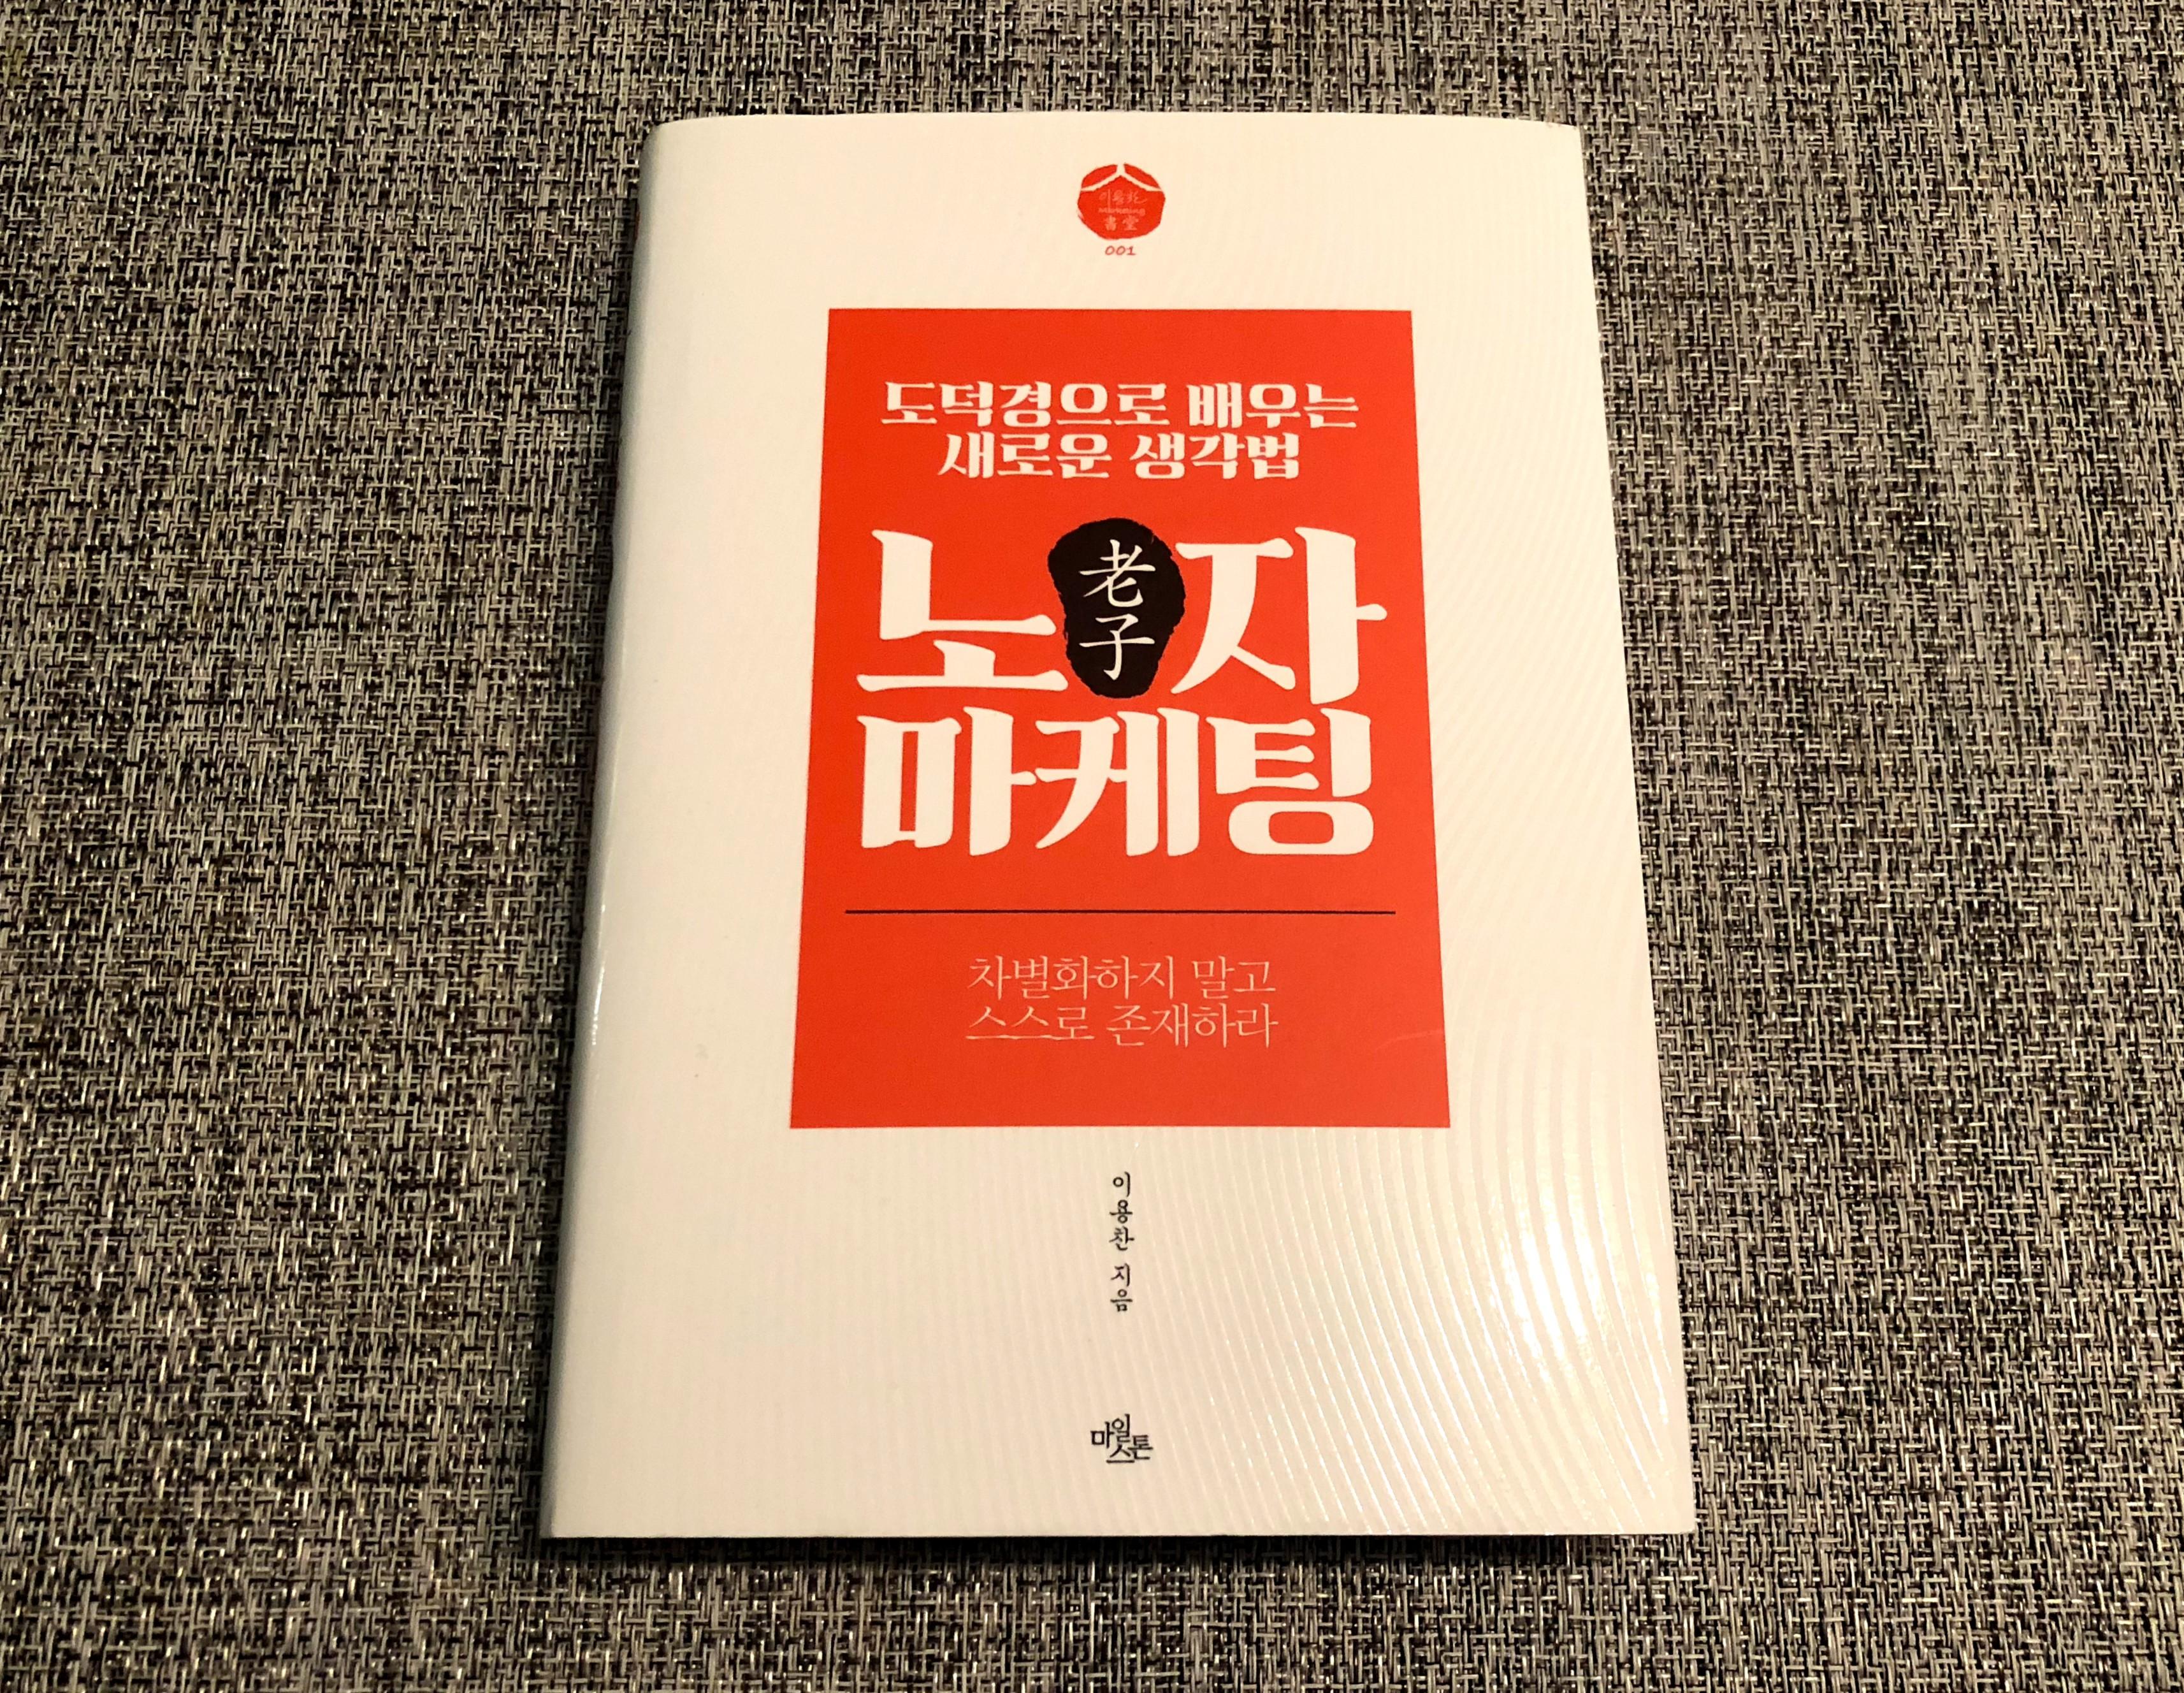 老子マーケティング 韓国